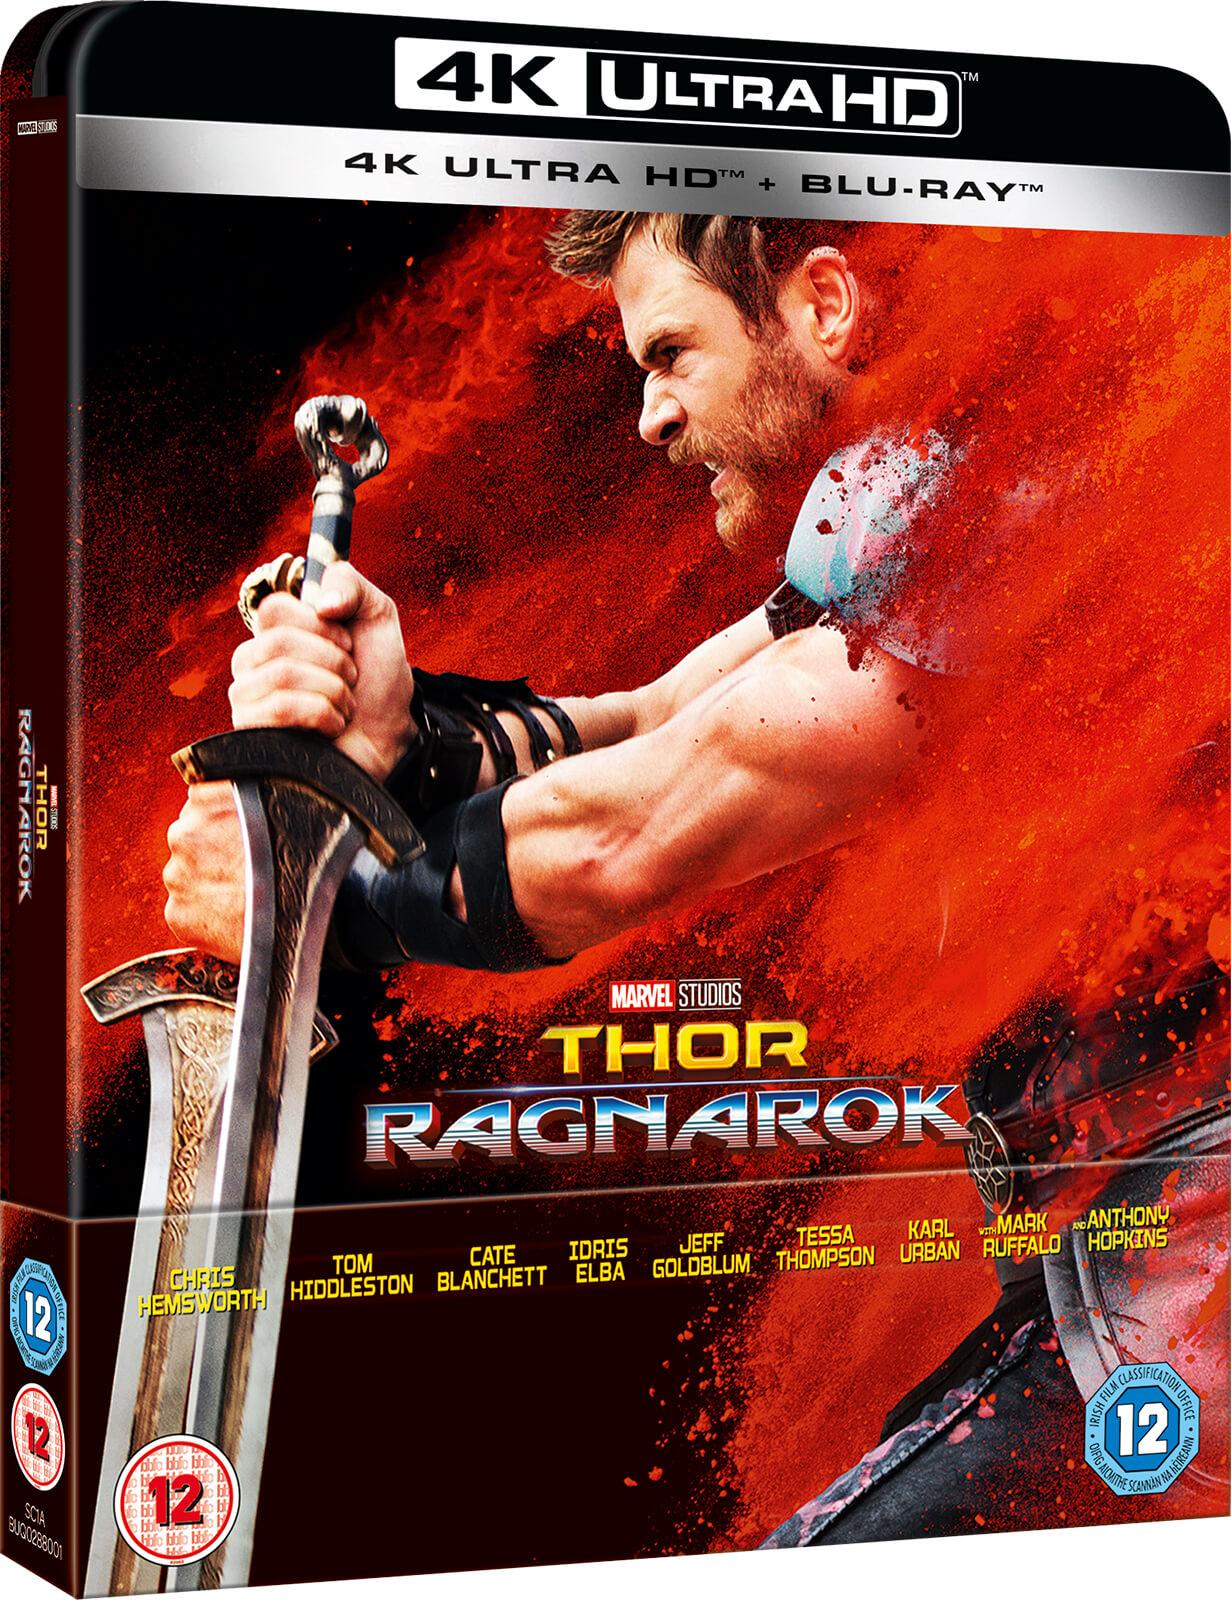 Thor: Ragnarok 2017 SteelBook